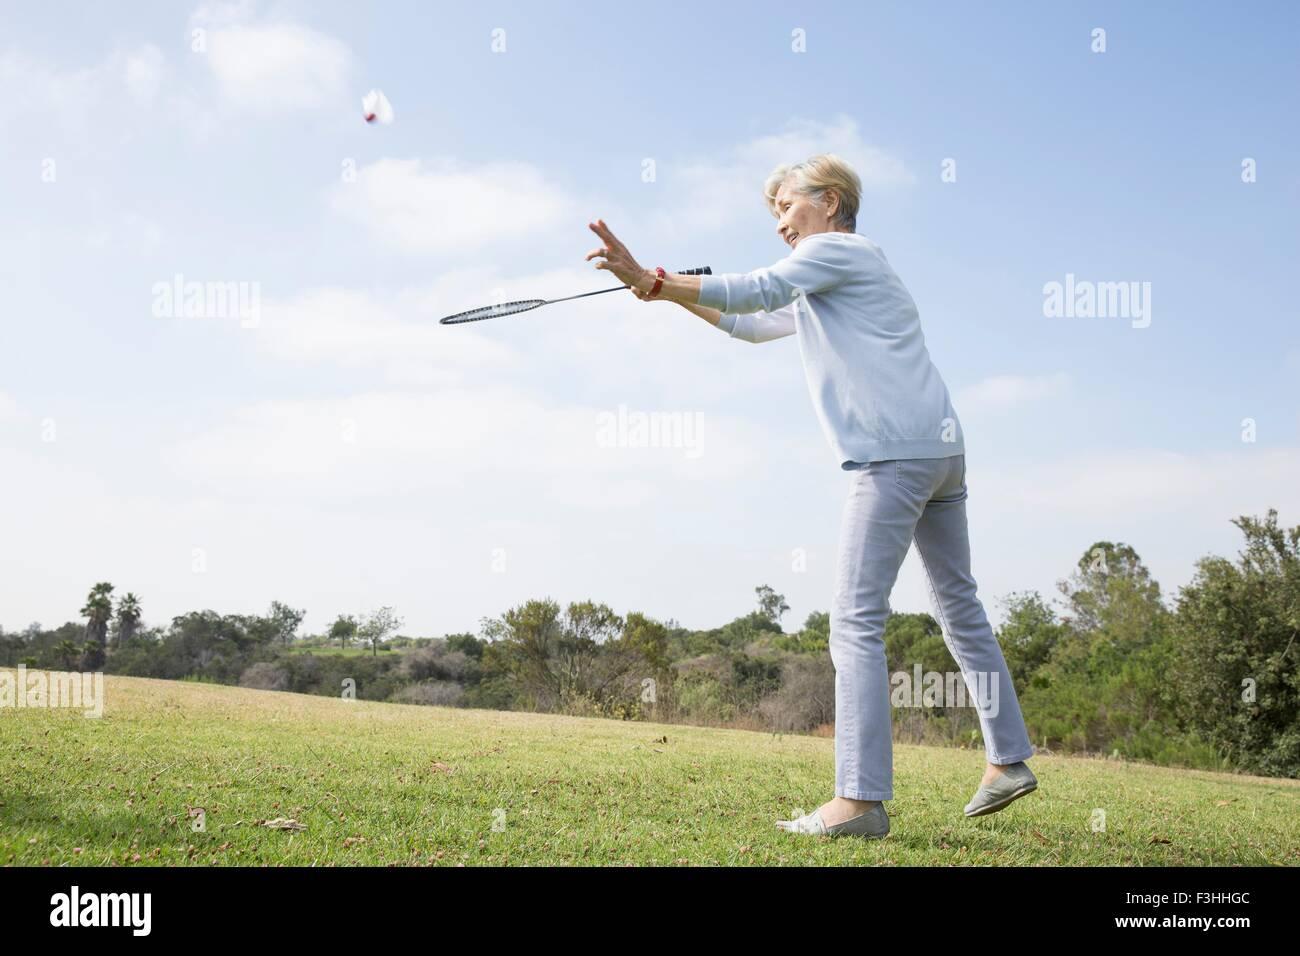 Senior donna riproduzione di badminton in posizione di parcheggio Immagini Stock